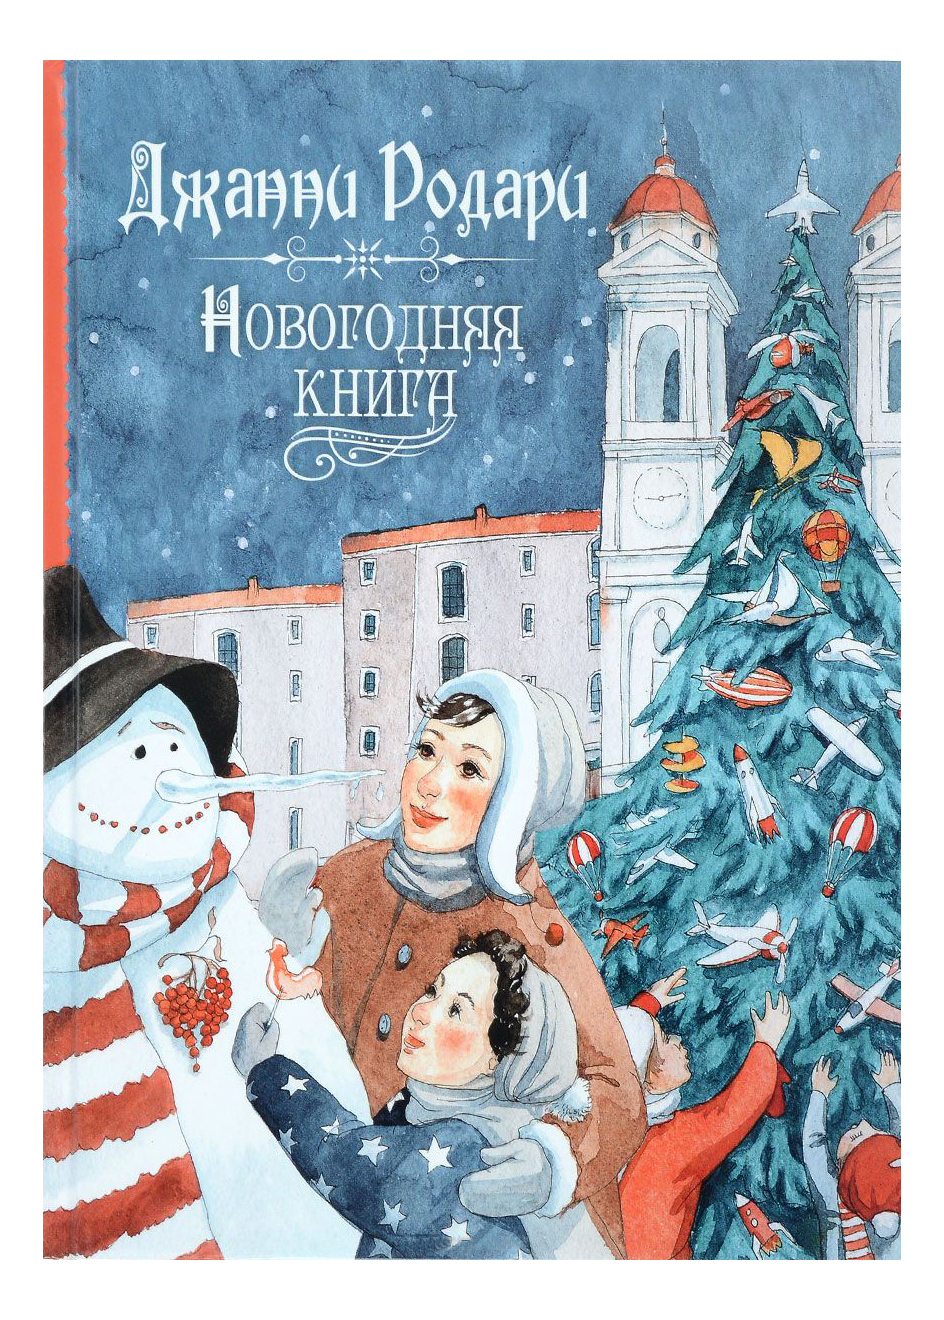 Джанни Родари Новогодняя книга Джанни Родари фото